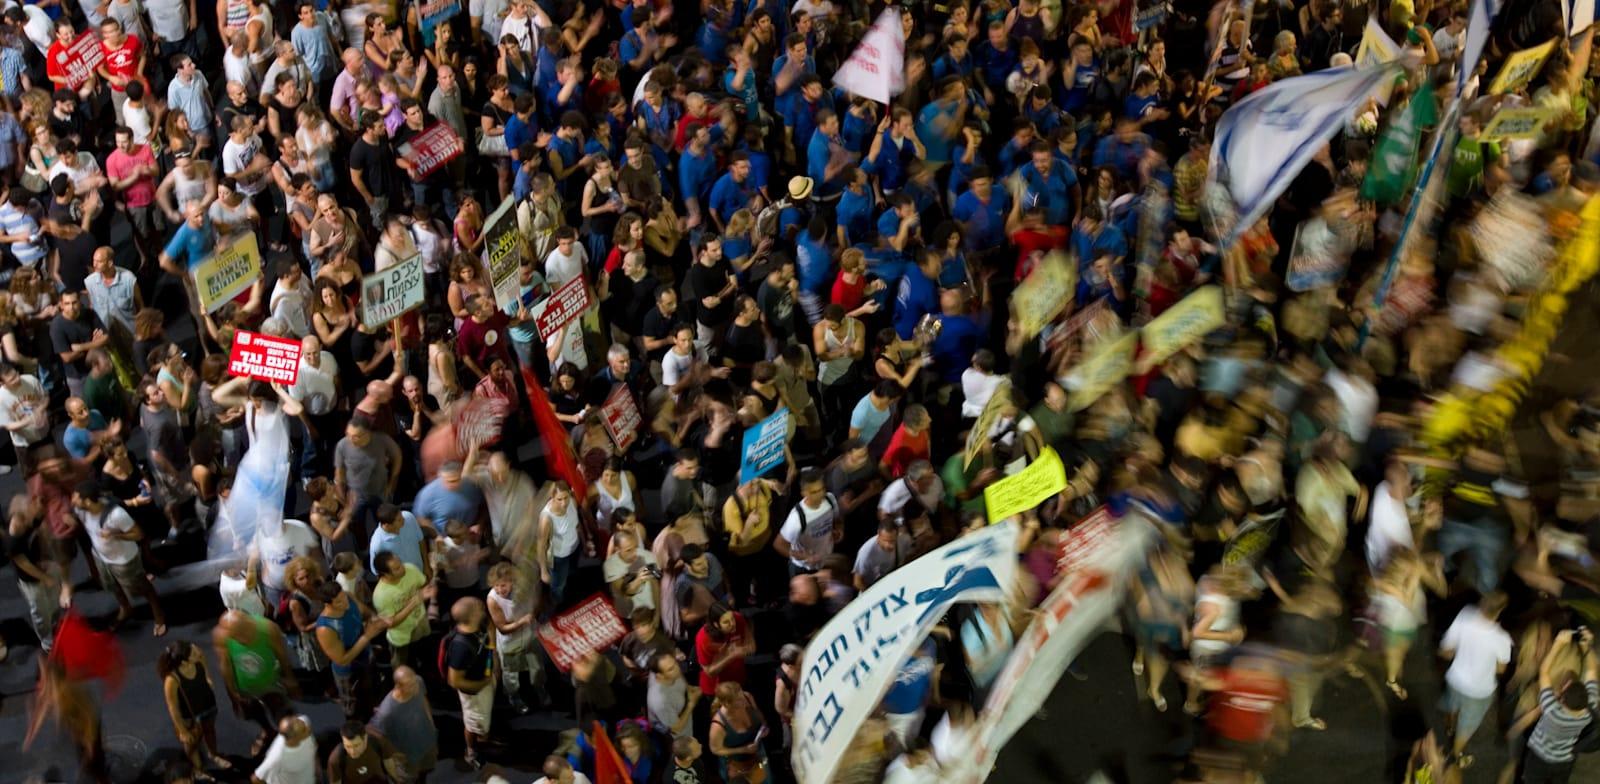 הפגנה במחאה החברתית, קיץ 2011 / צילום: Associated Press, Ariel Schalit